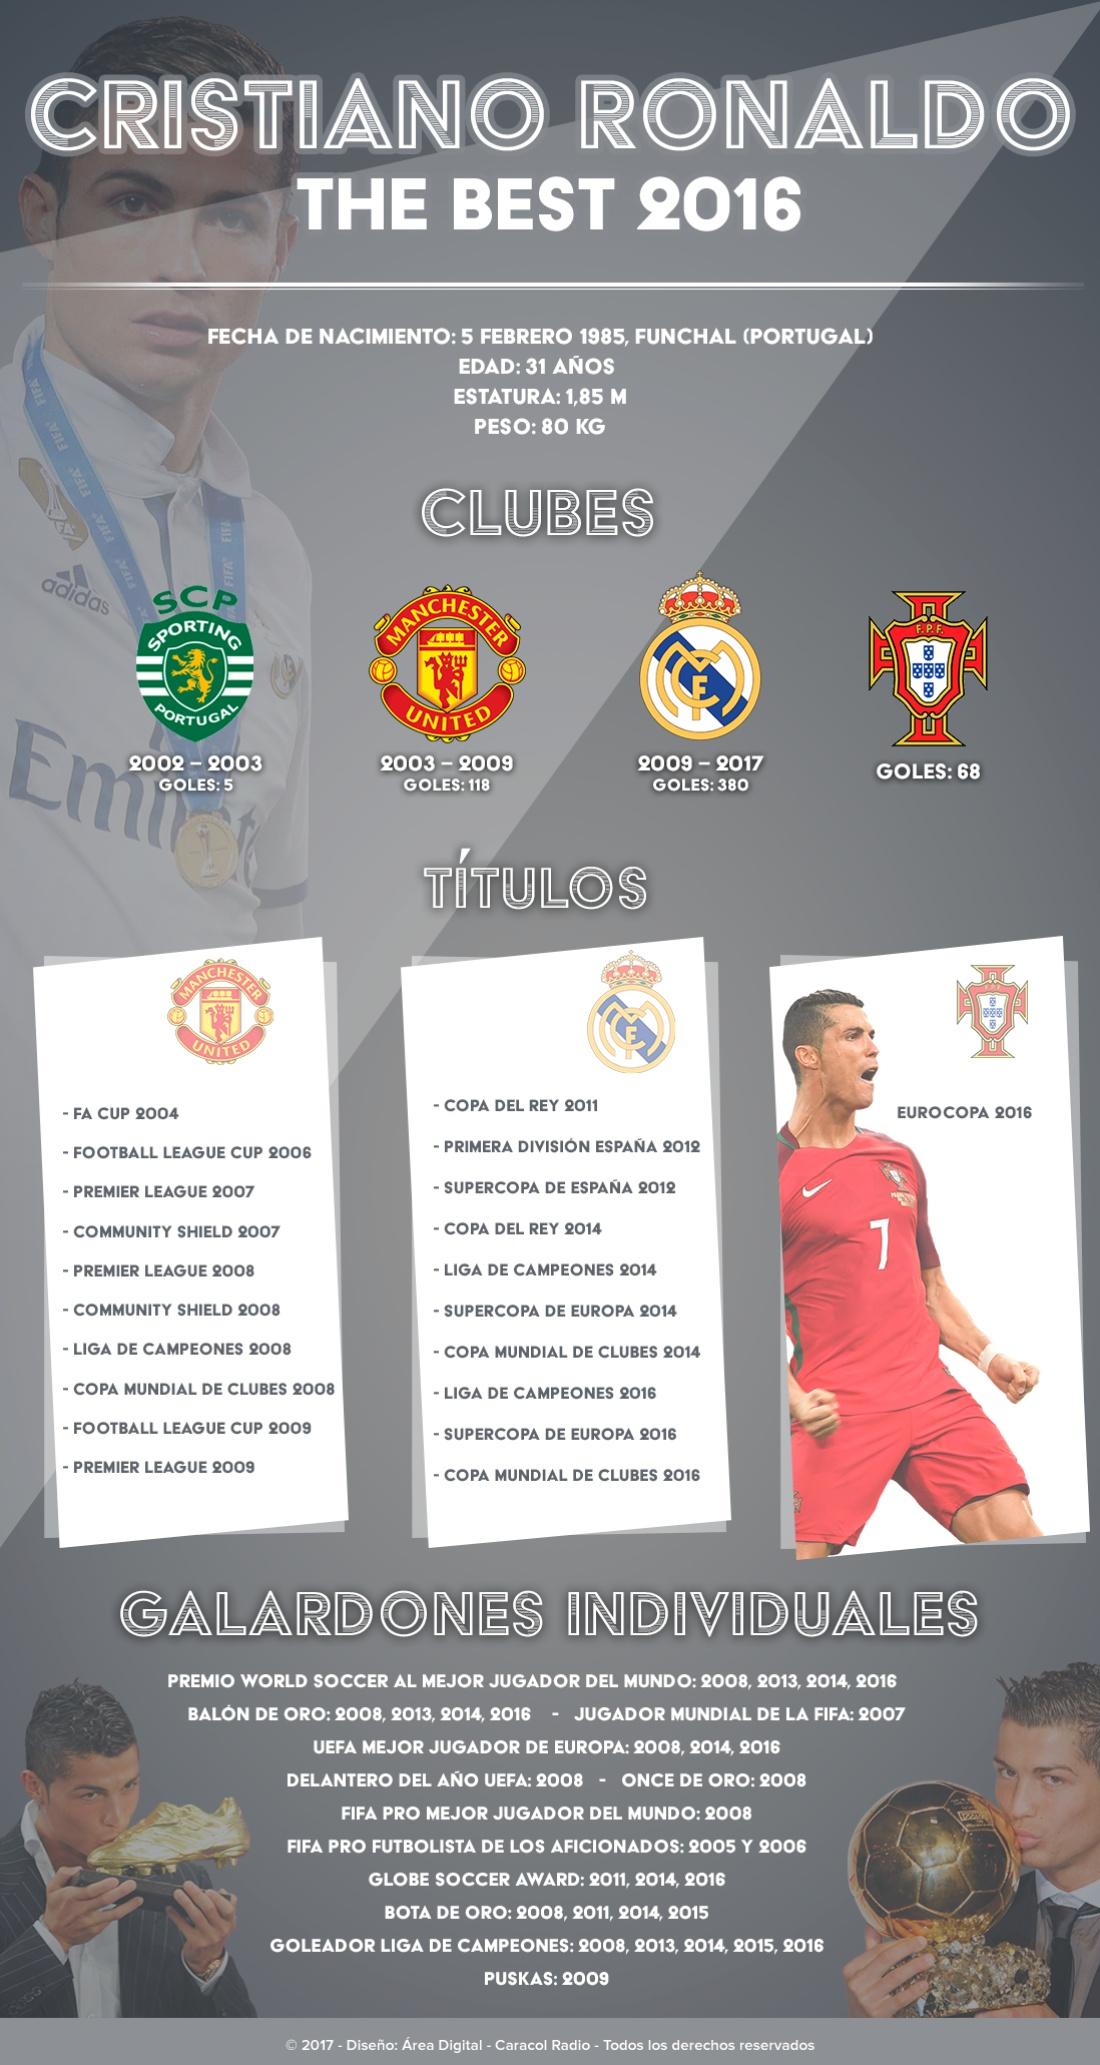 Infografía Cristiano Ronaldo The Best: Cristiano Ronaldo, ¡The Best!